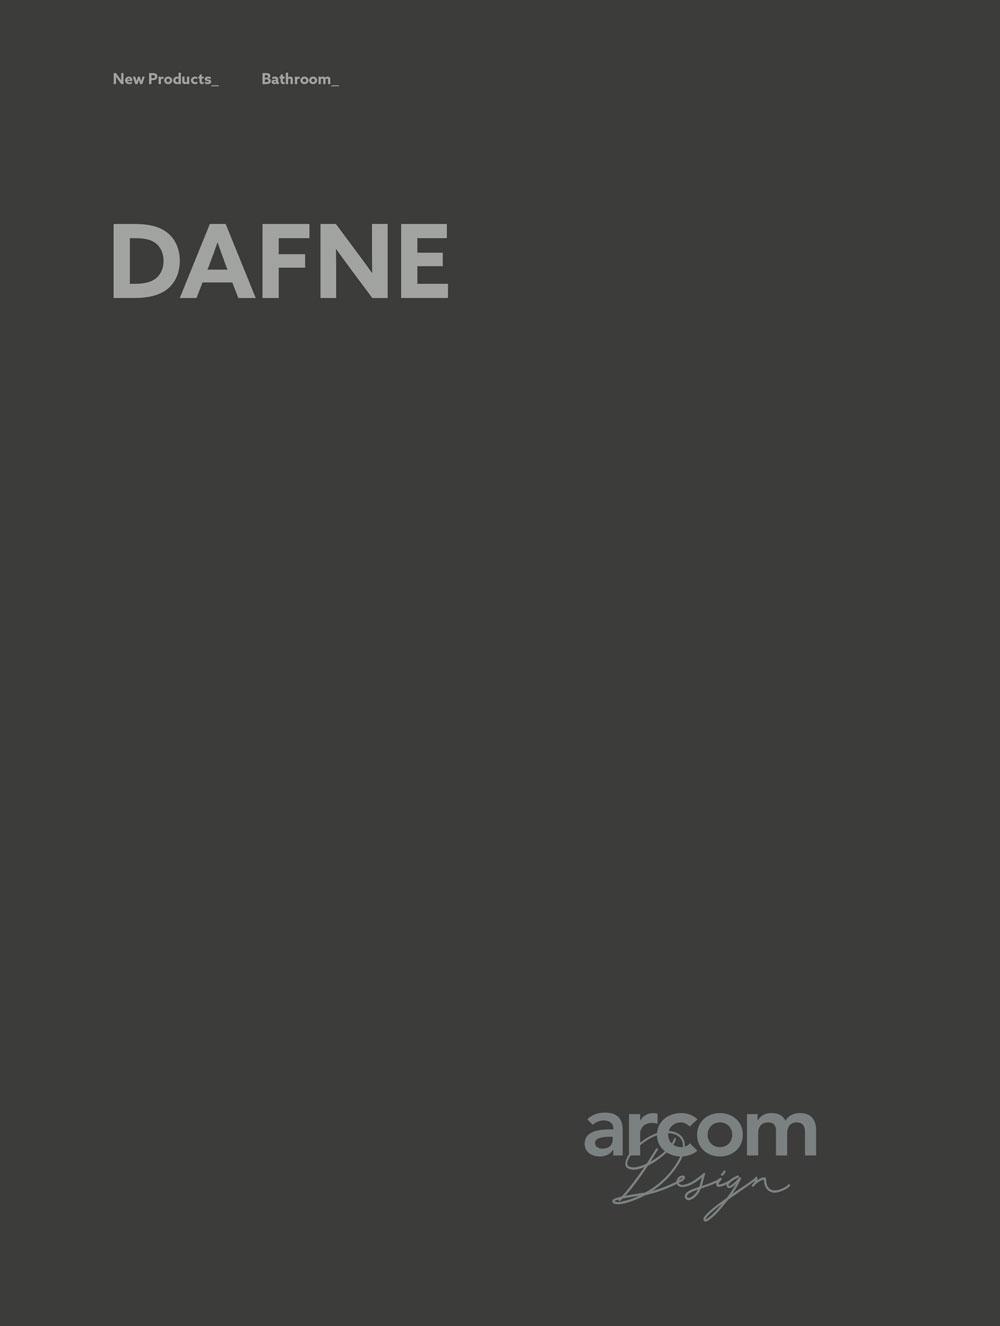 DAFNE.jpg